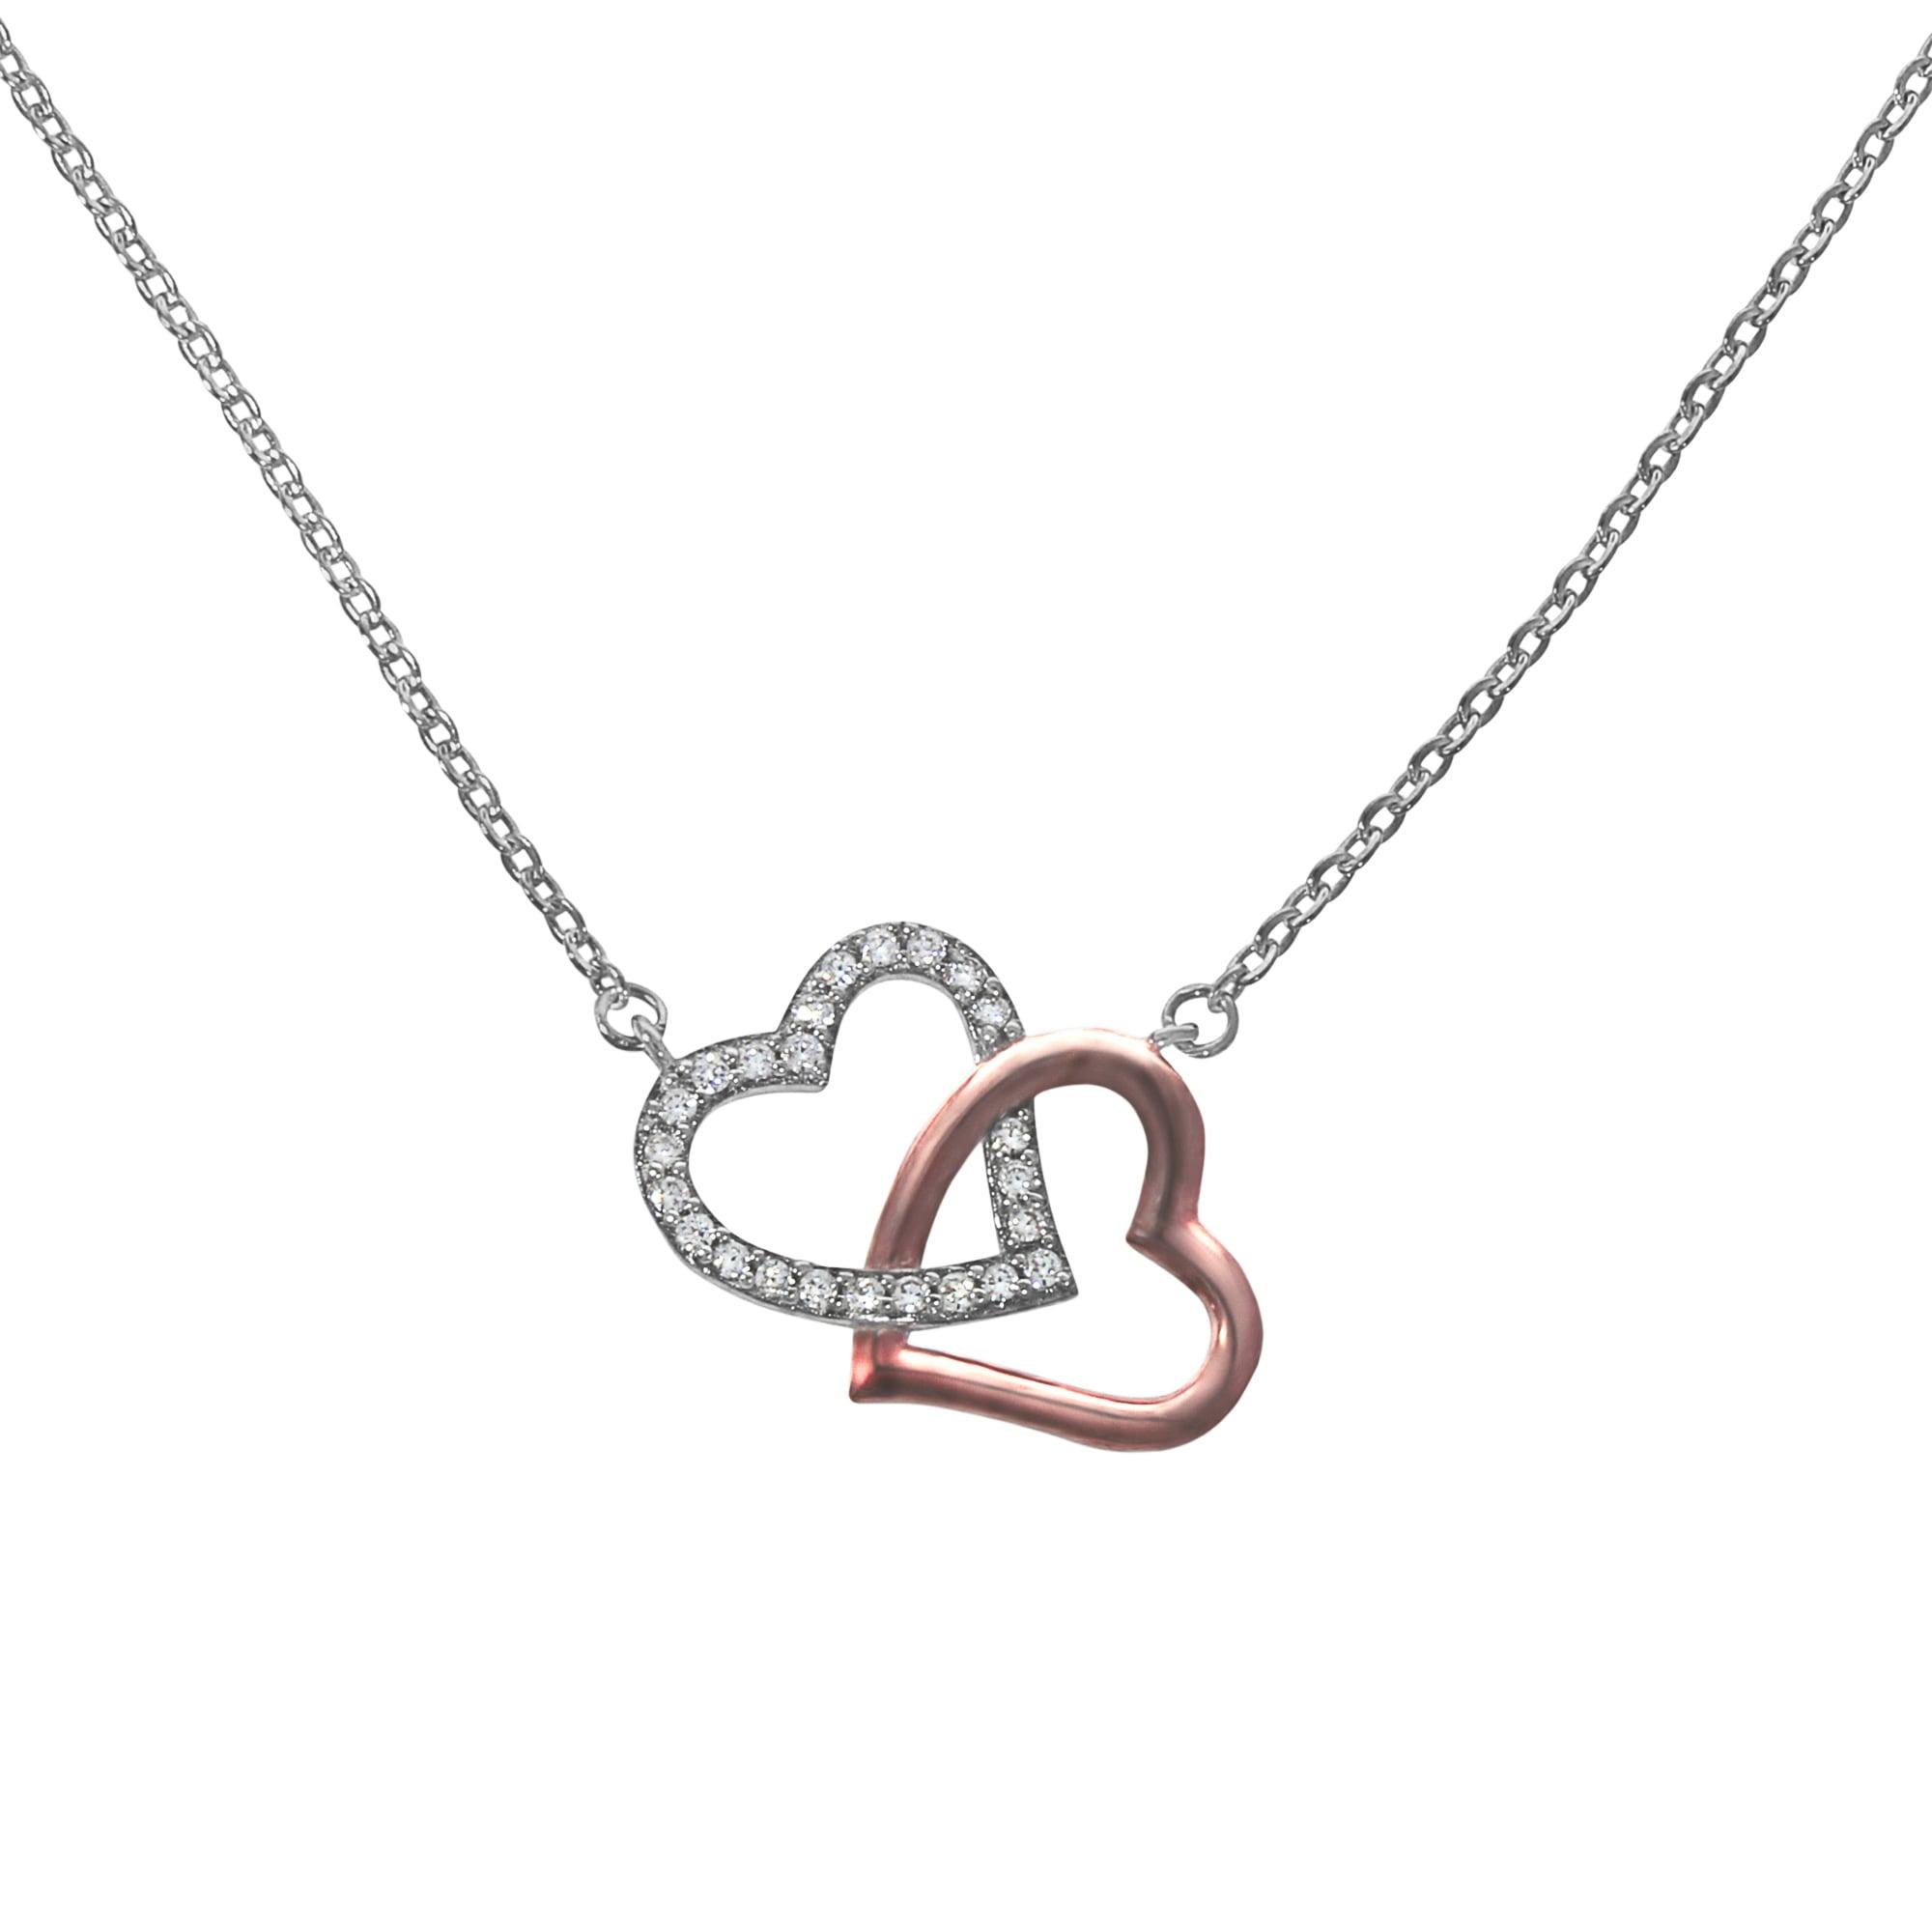 Qualität zuerst ungleich in der Leistung bestbewertetes Original Fossil Halskette Silber Herz Preisvergleich • Die besten ...